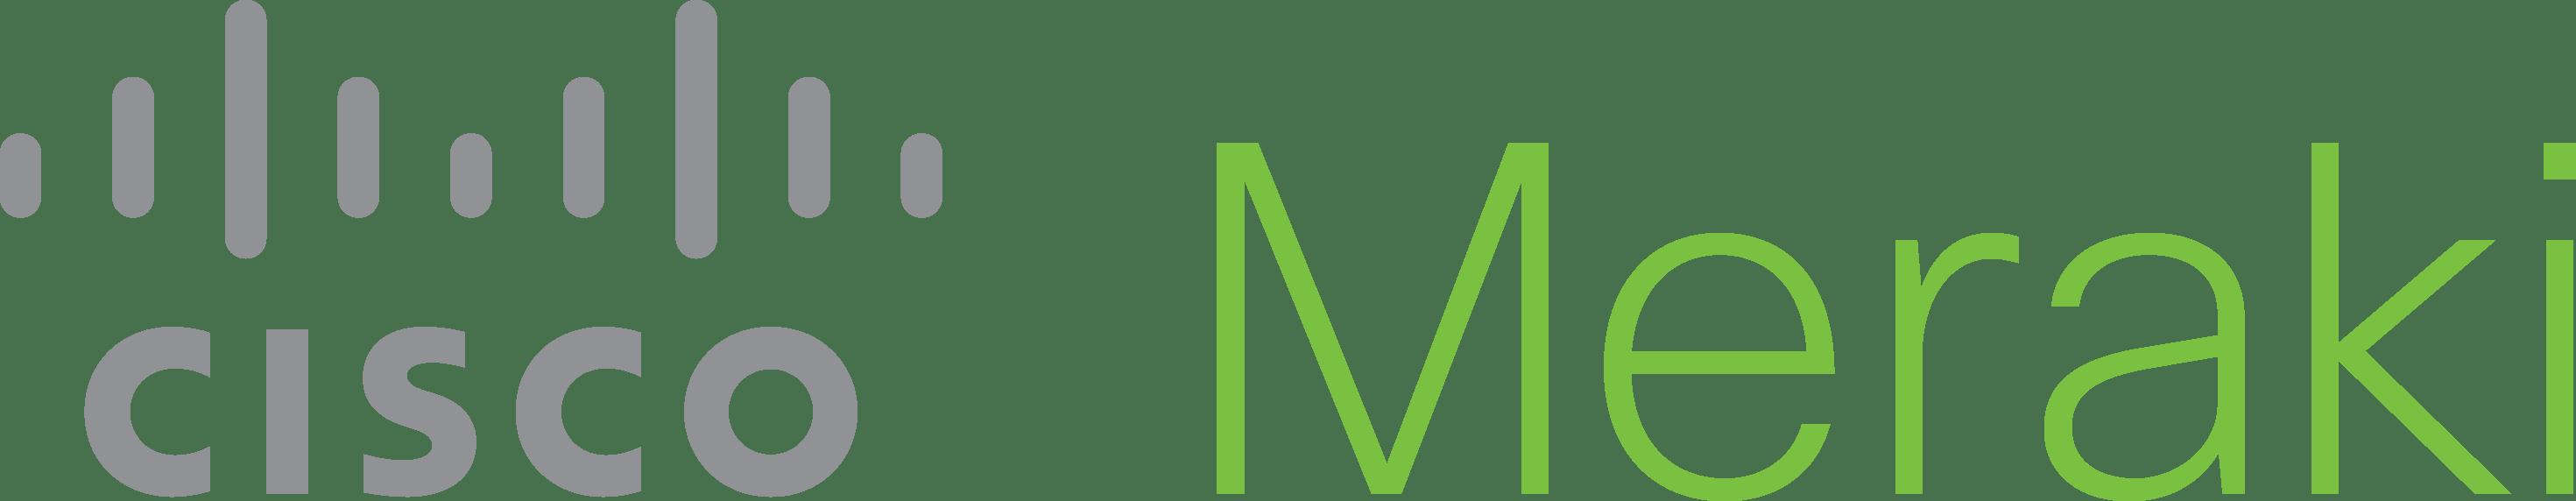 cisco-meraki-logo